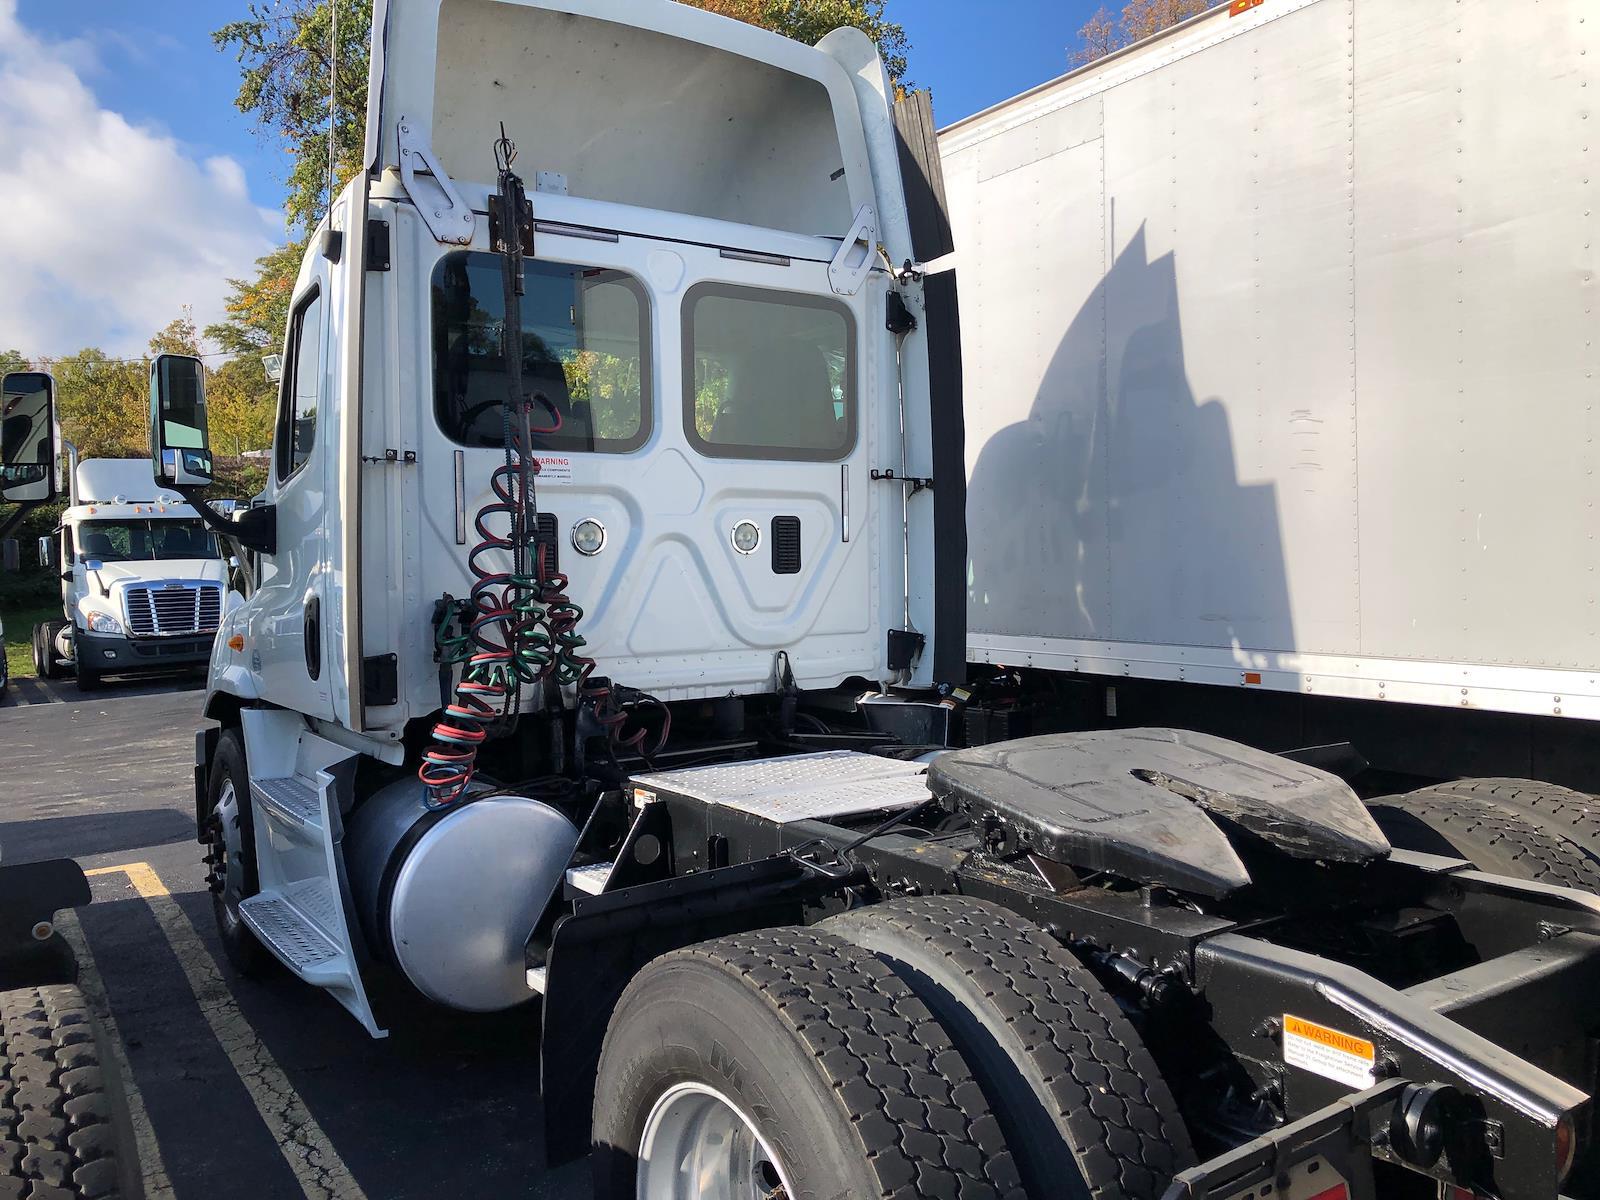 2014 Freightliner Truck 4x2, Tractor #514595 - photo 1